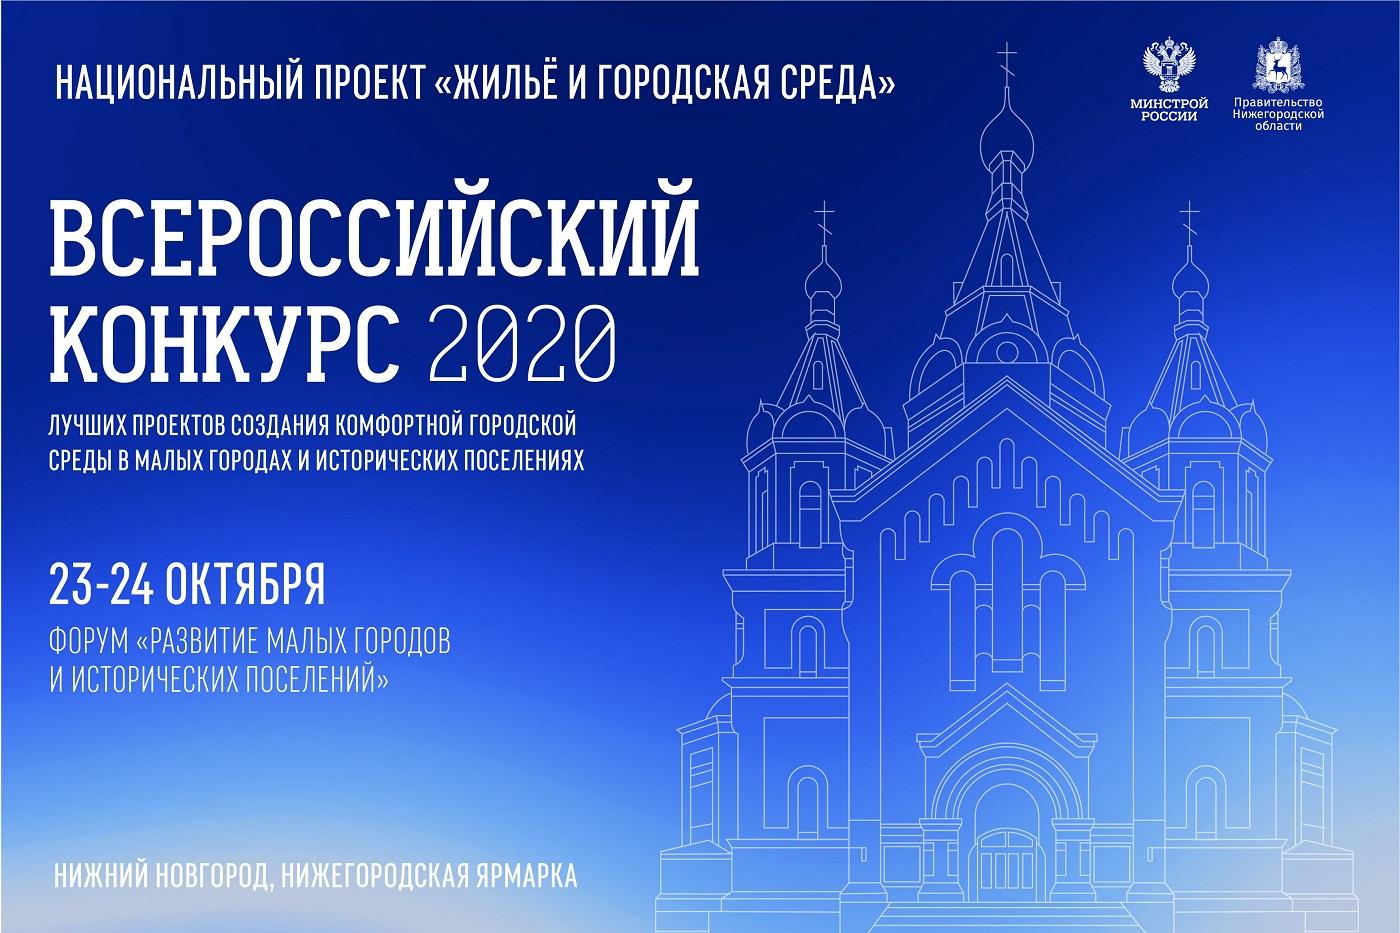 Всероссийский форум «Развитие малых городов и исторических поселений»